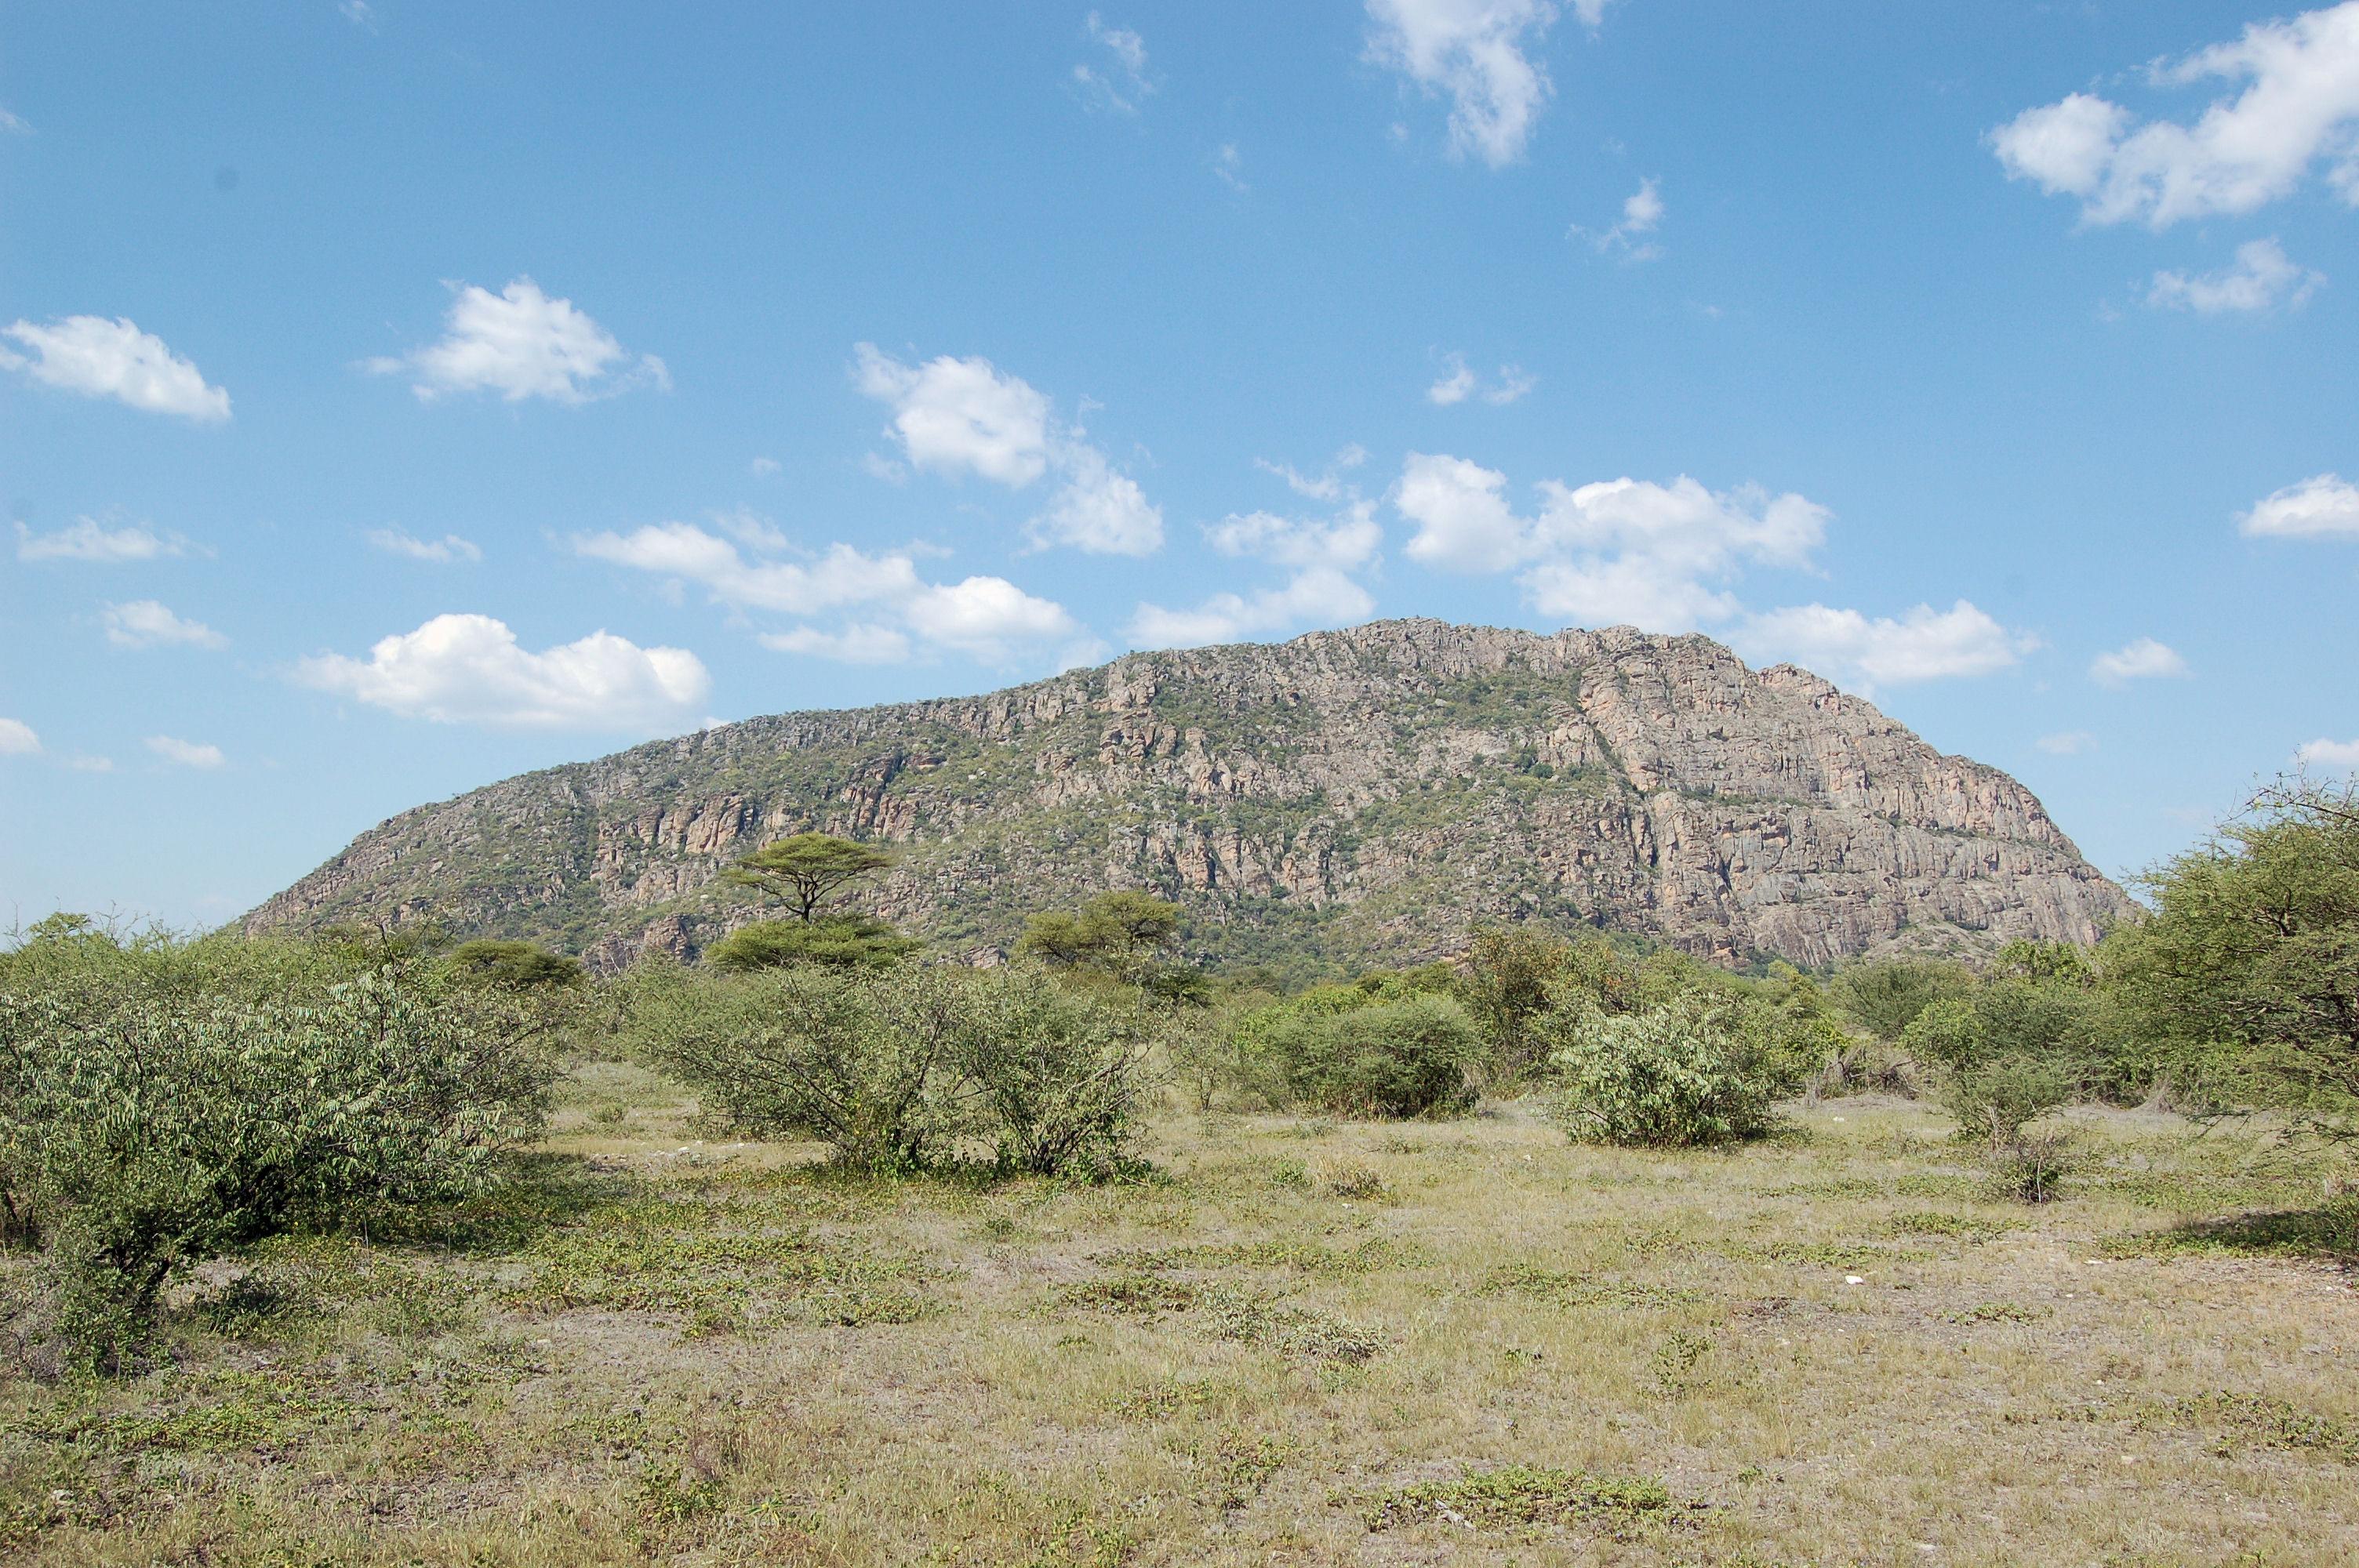 File:Tsodilo Hills, Botswana (2625371308).jpg - Wikimedia Commons